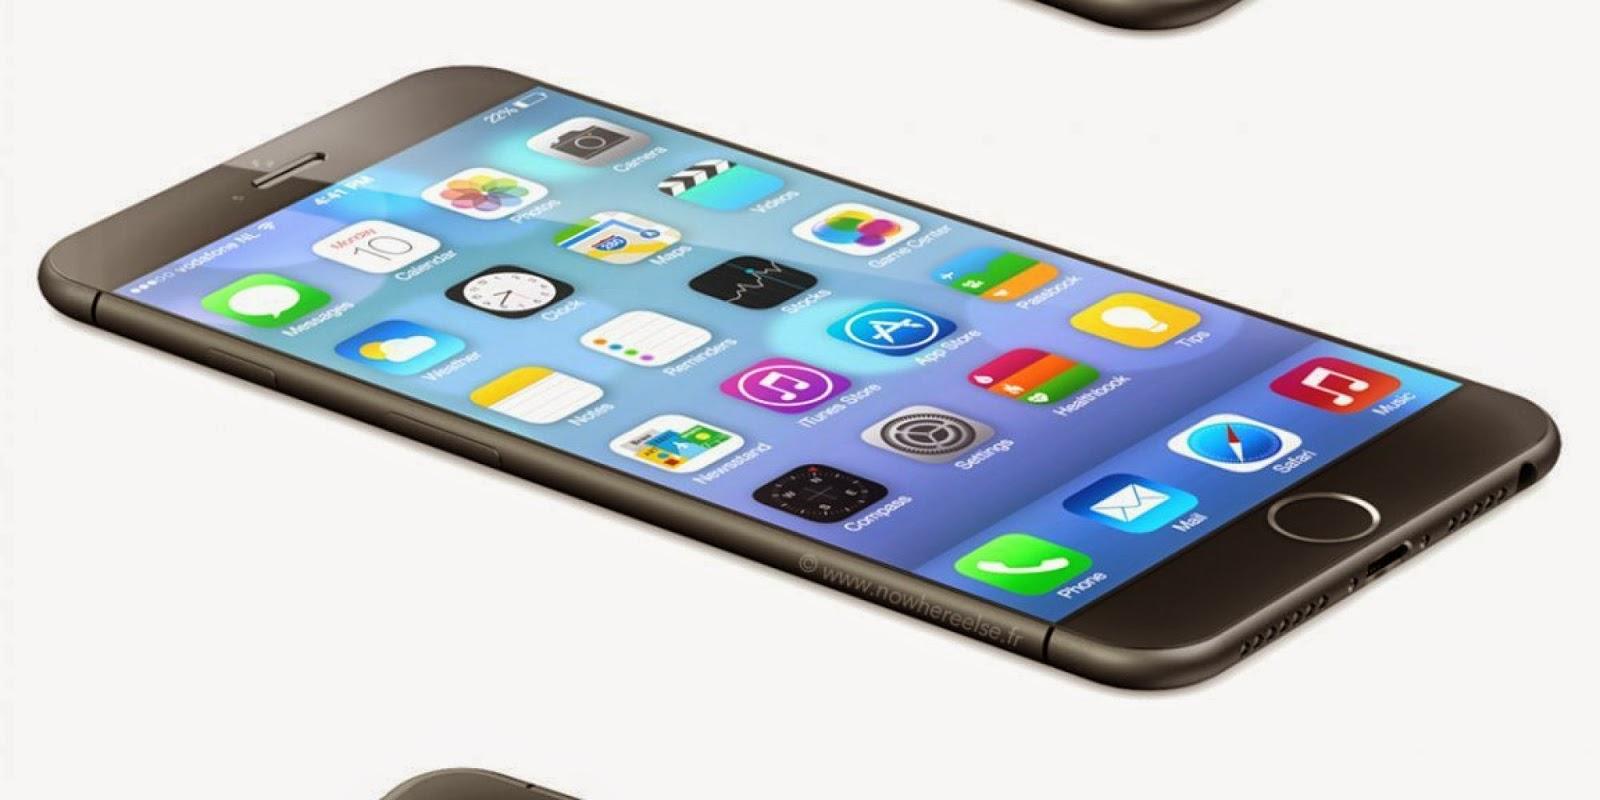 iPhone 6 phiên bản màu đen so kè cùng Galaxy S5 và iPhone 5s